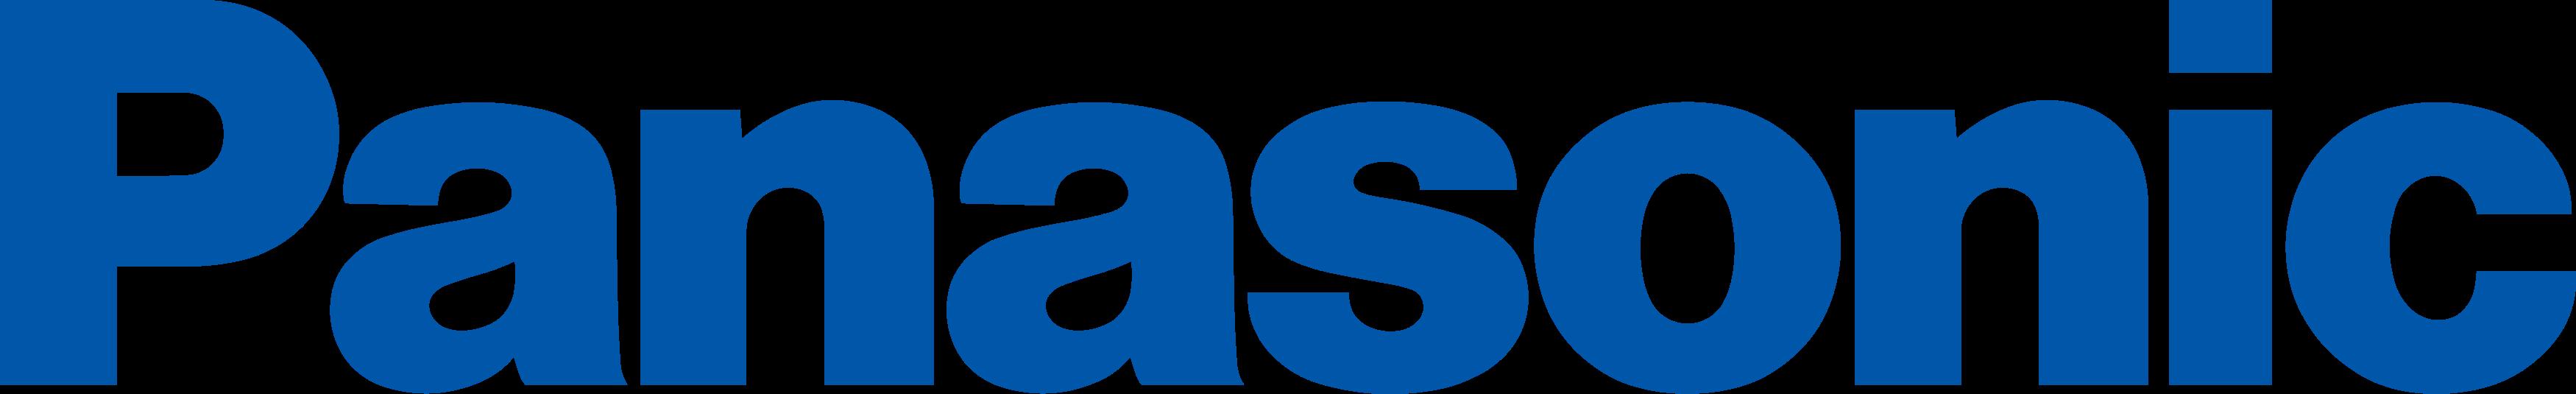 Logo da marca panasonic